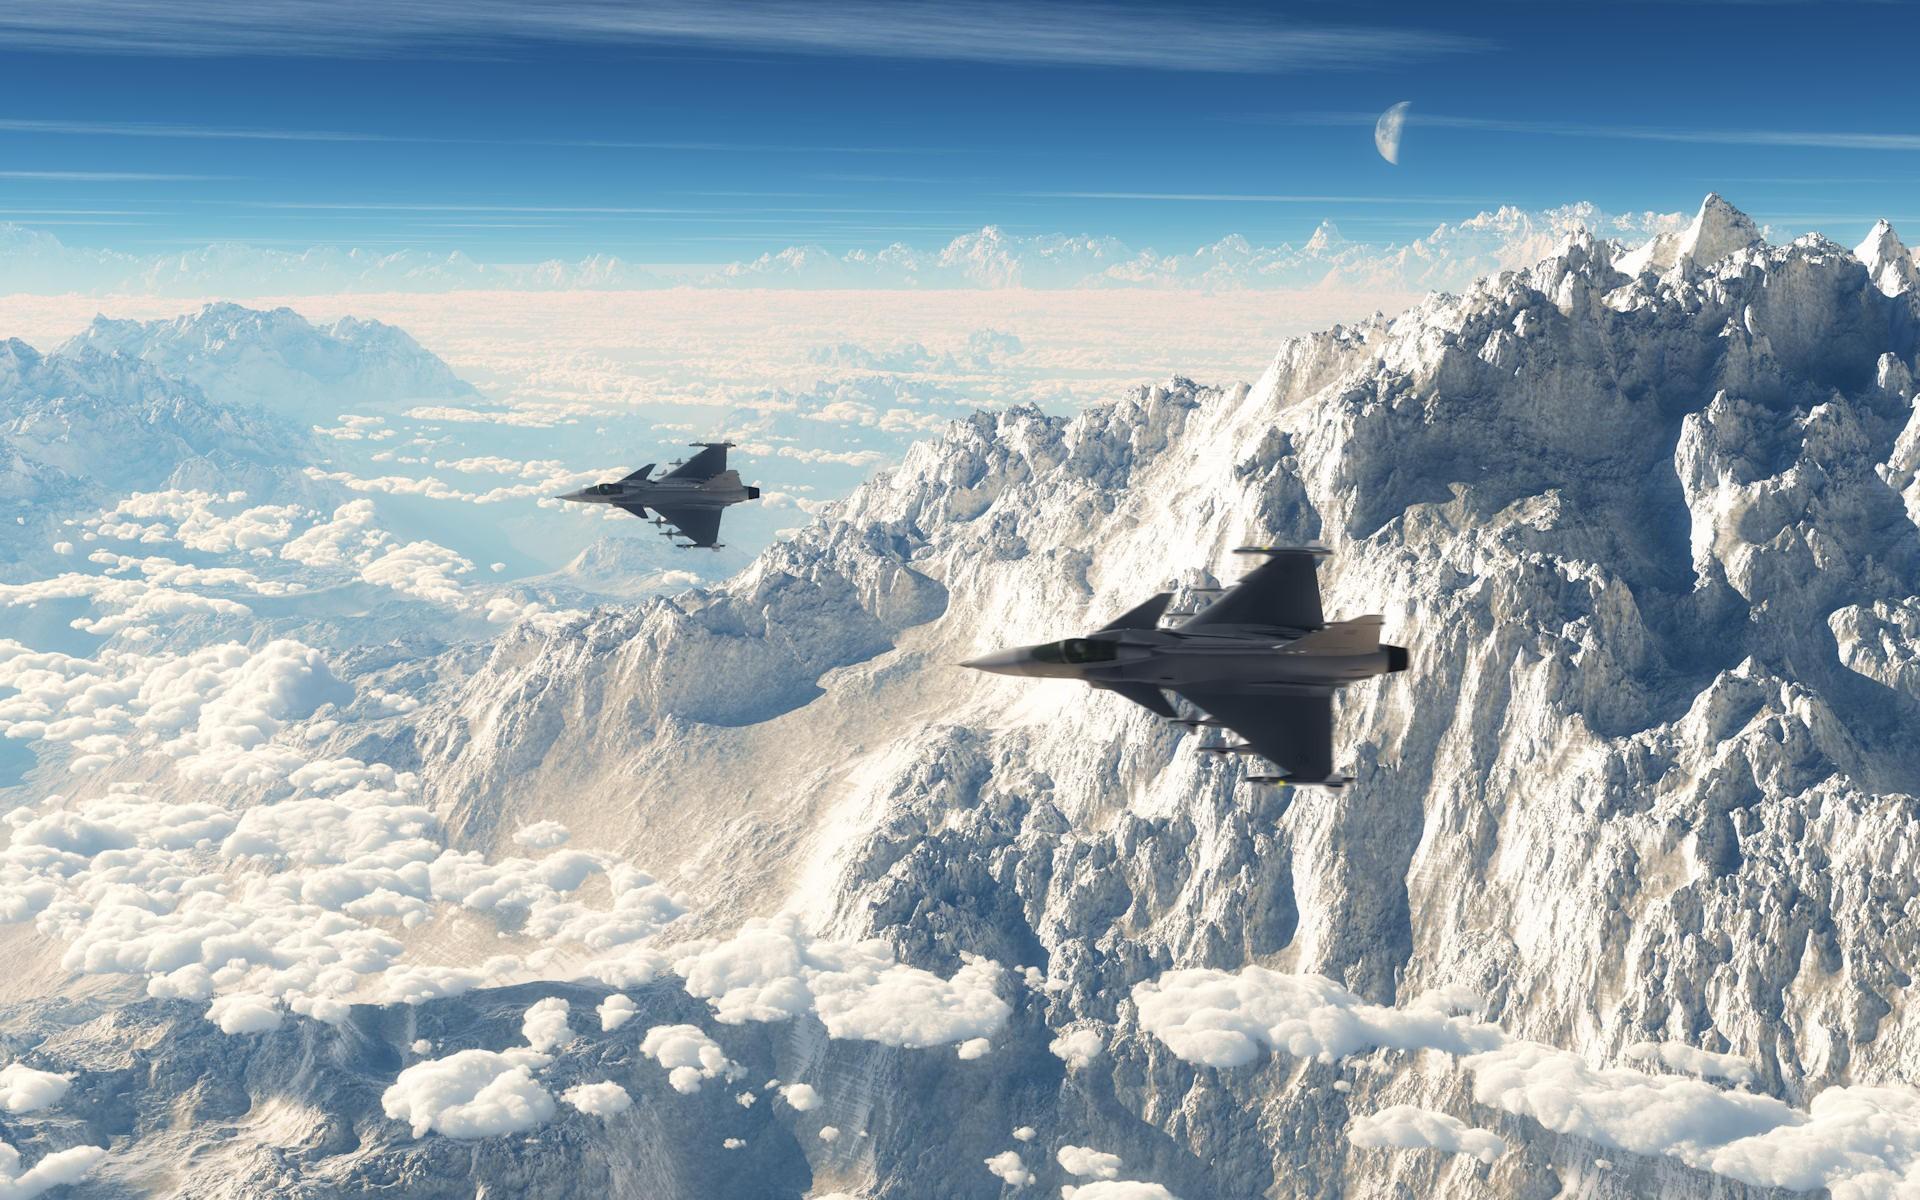 Aviones volando sobre montañas - 1920x1200